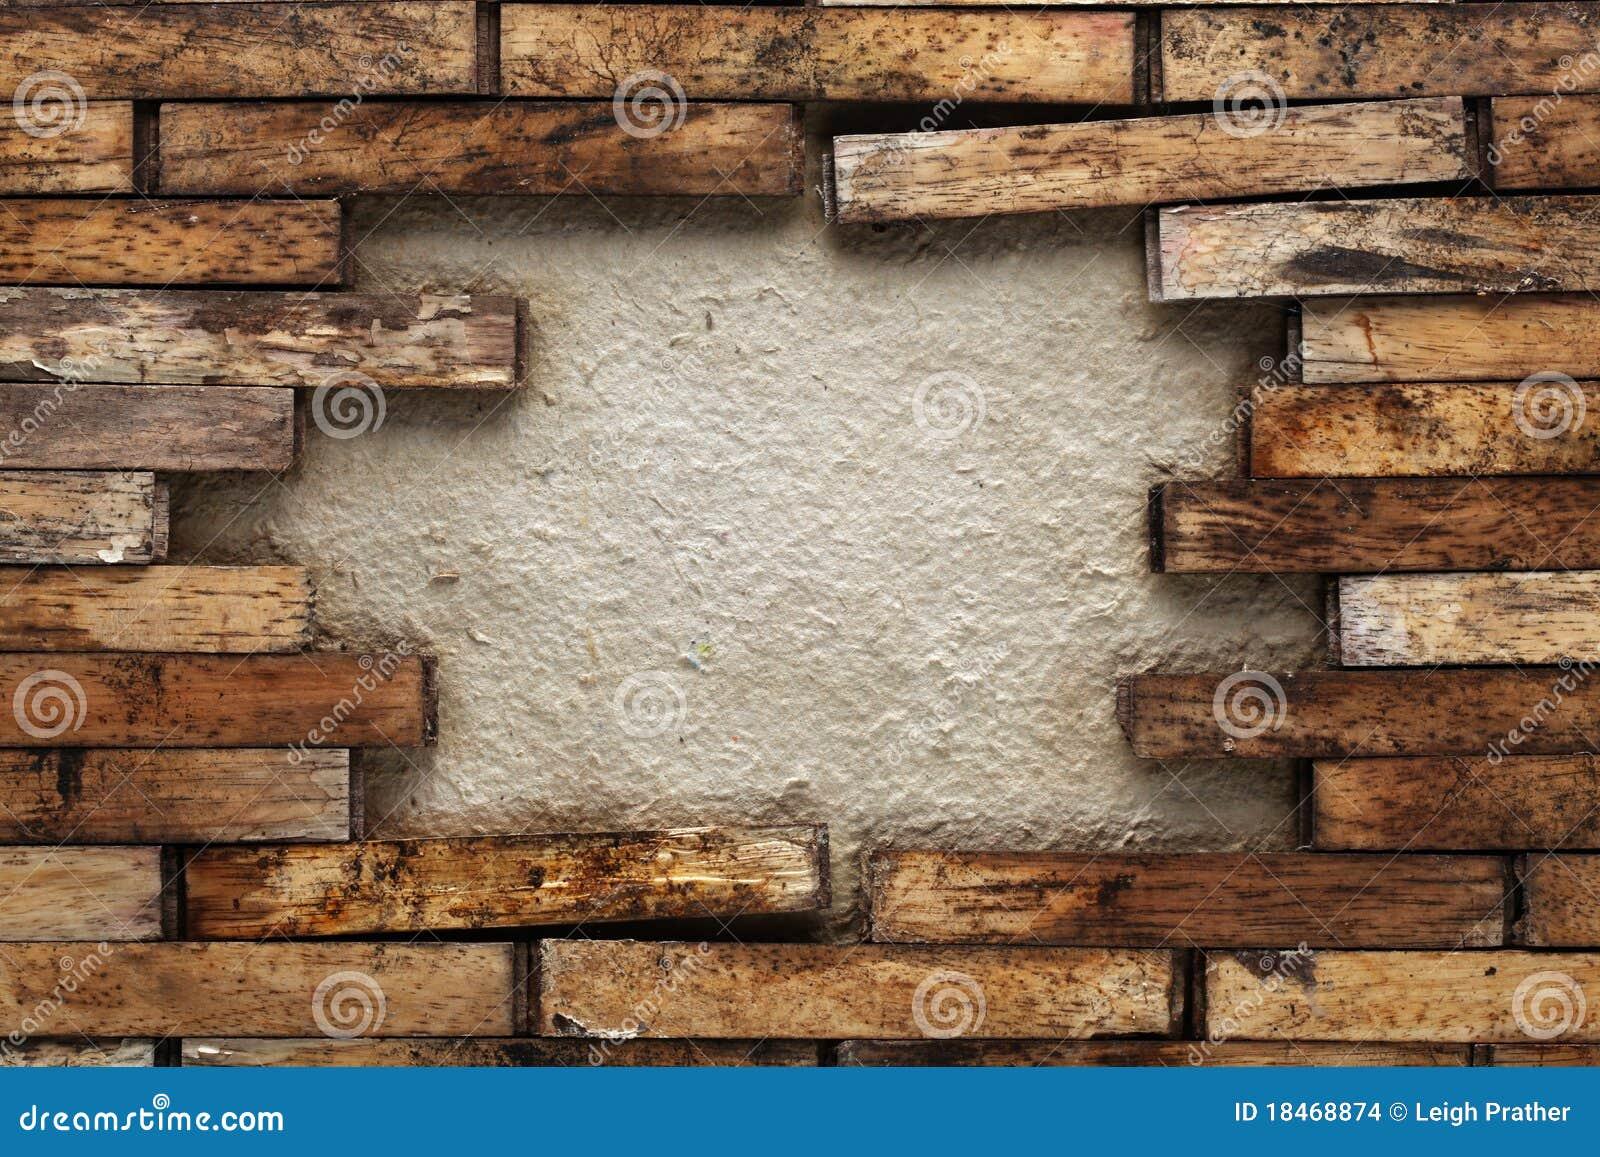 Agujero en una pared de madera imagenes de archivo - Fotos en madera ...